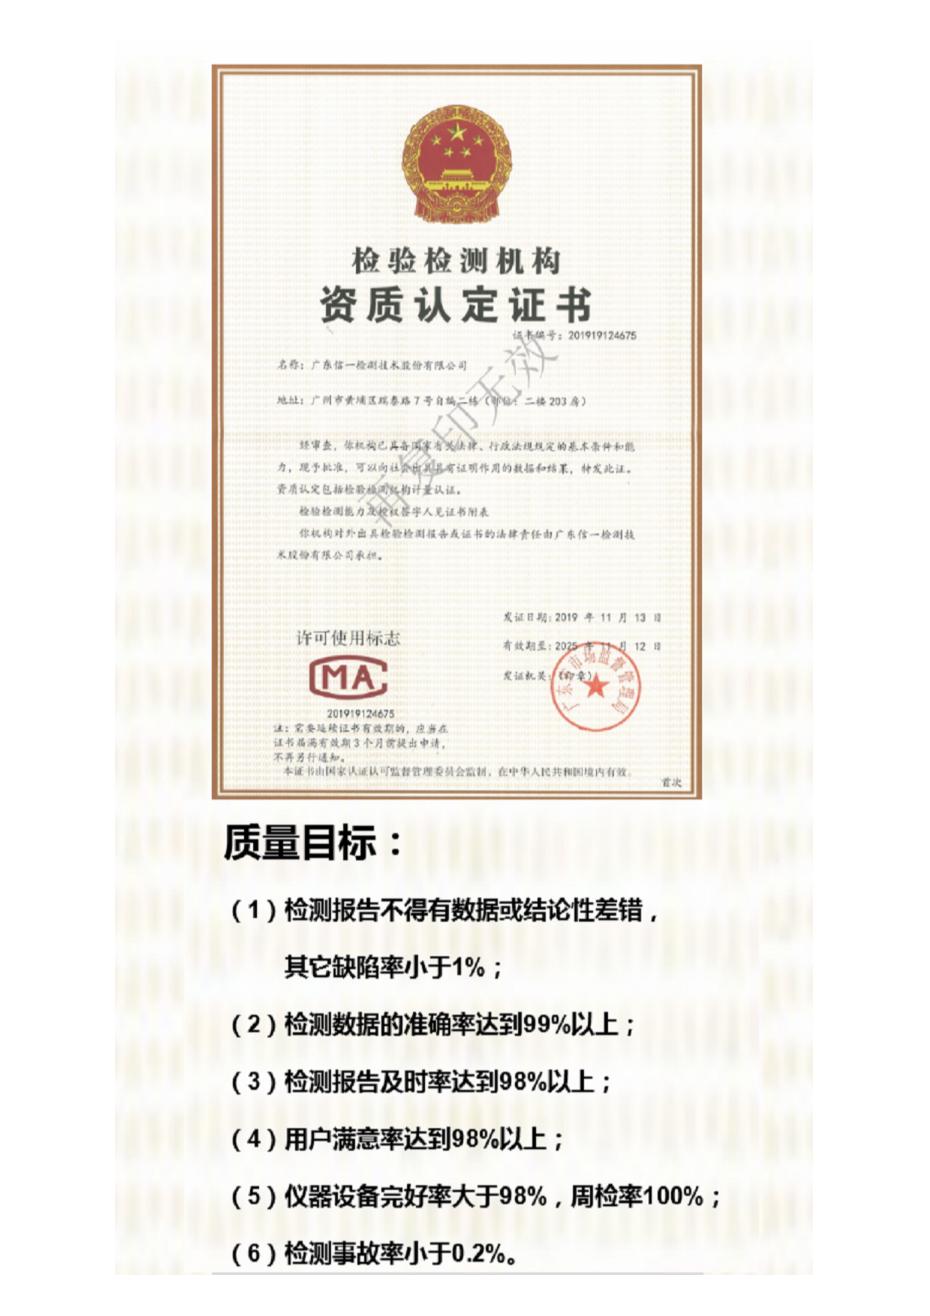 资质认定证书(水印)-信一检测